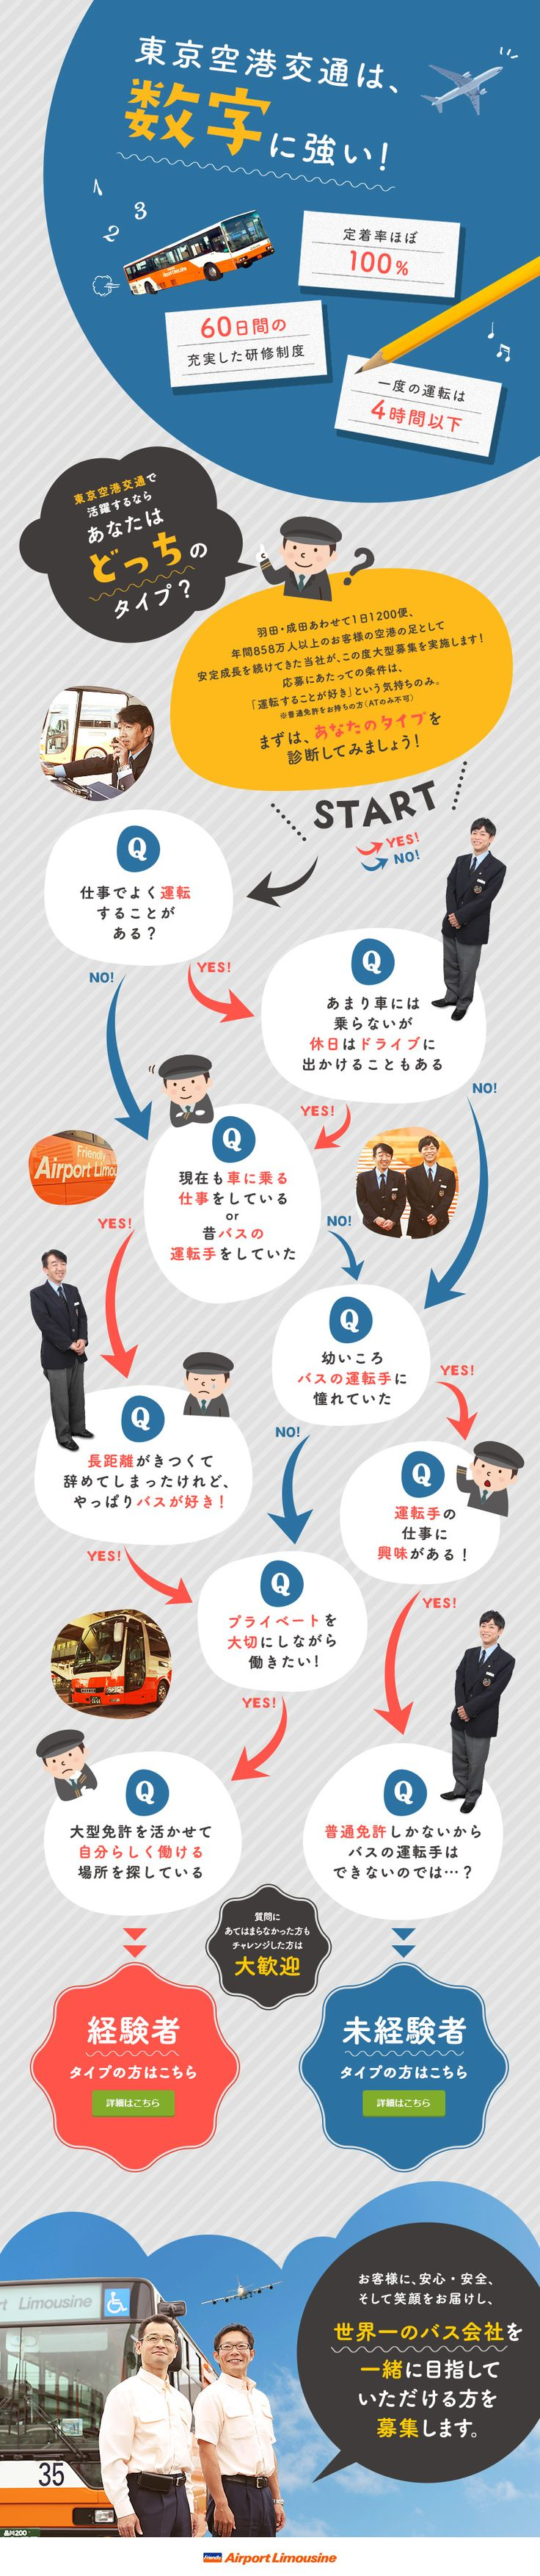 東京空港交通株式会社(Friendly Airport Limousine)/普通免許があれば挑戦できる!リムジンバス乗務員/充実した研修・ゆとりあるシフト・60年以上の安定企業の求人・求人情報ならDODA(デューダ)。仕事内容など詳しい採用情報や職場の雰囲気が伝わる情報が満載。